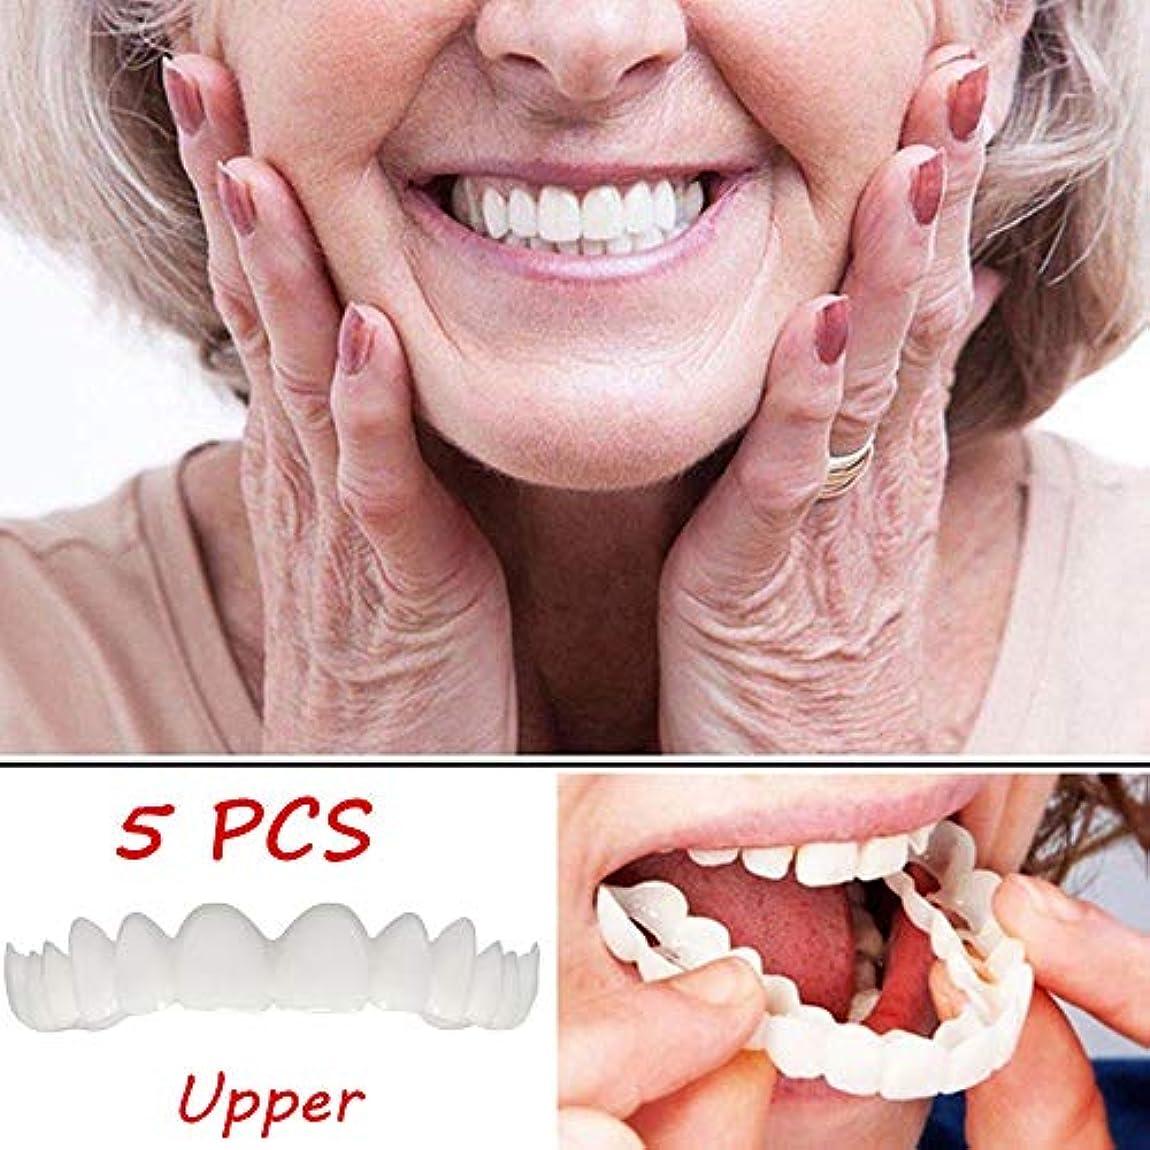 酒書き出す疾患快適なベニヤの歯は一時的に歯の上の歯の1つのサイズを白くする5 PCSを微笑みますほとんどの人々の美の歯のシミュレーションの歯の義歯の心配に合います